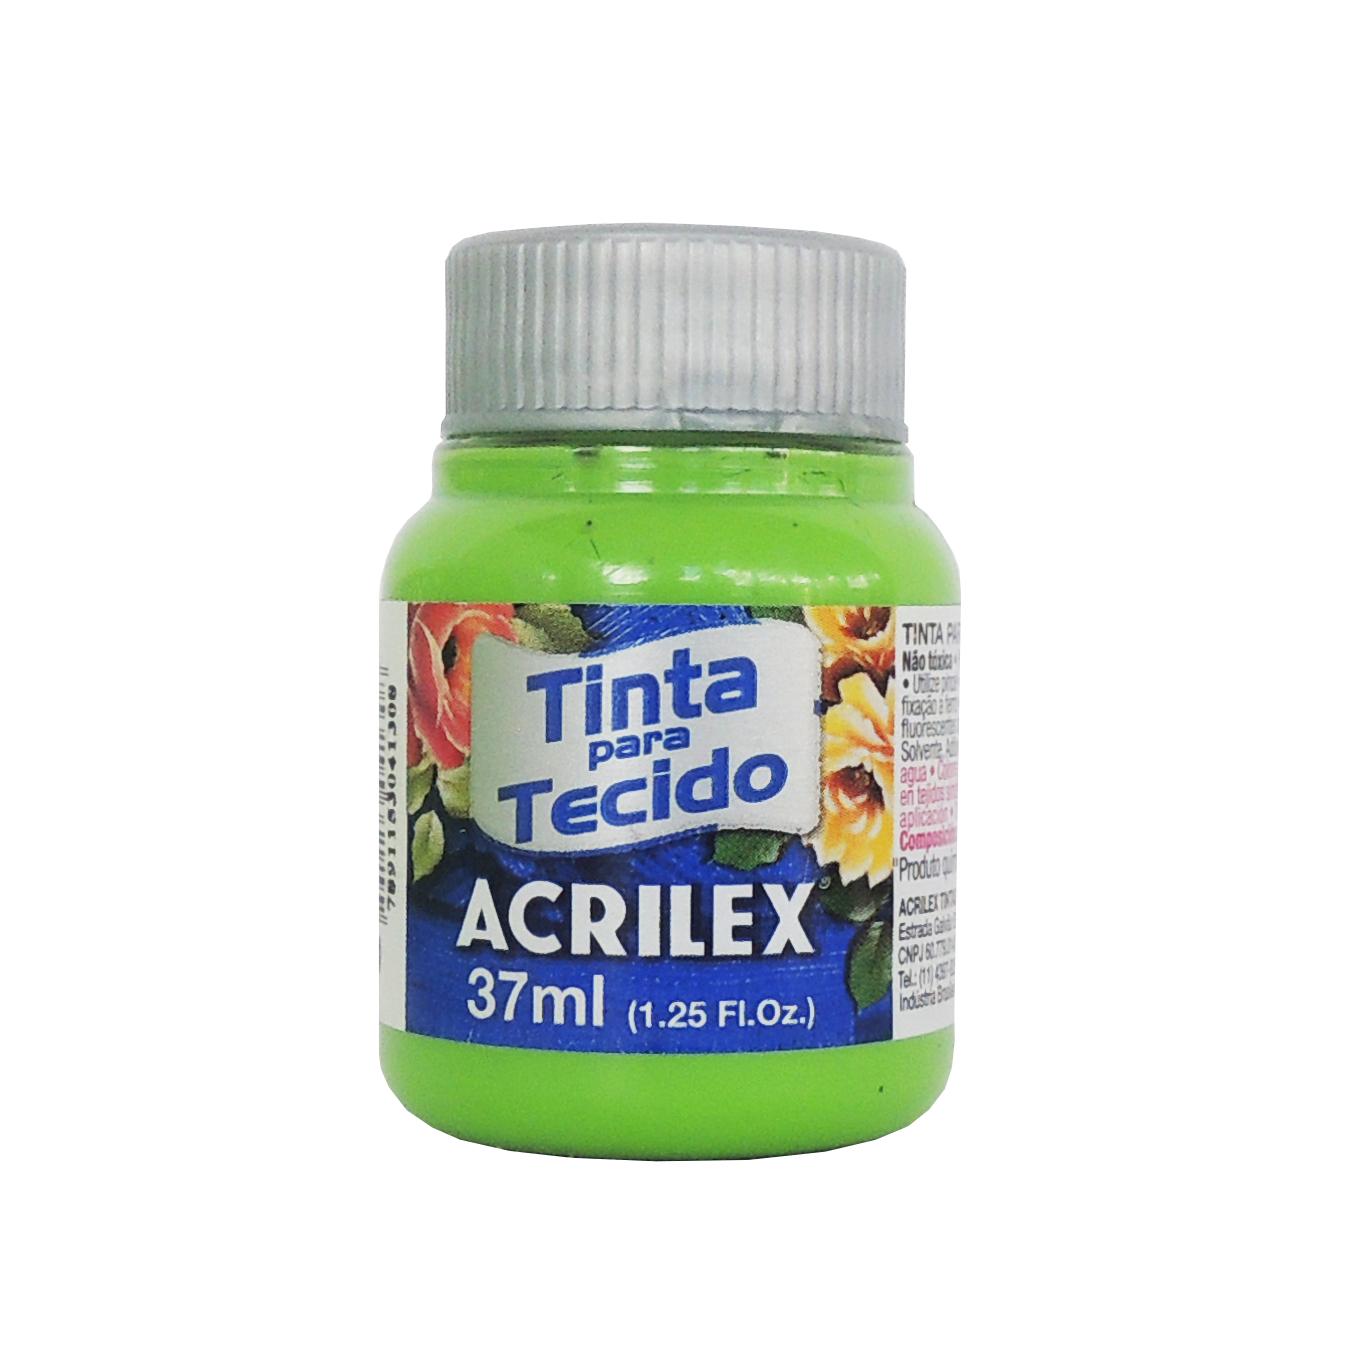 tinta-para-tecido-acrilex-250ml-510-verde-folha